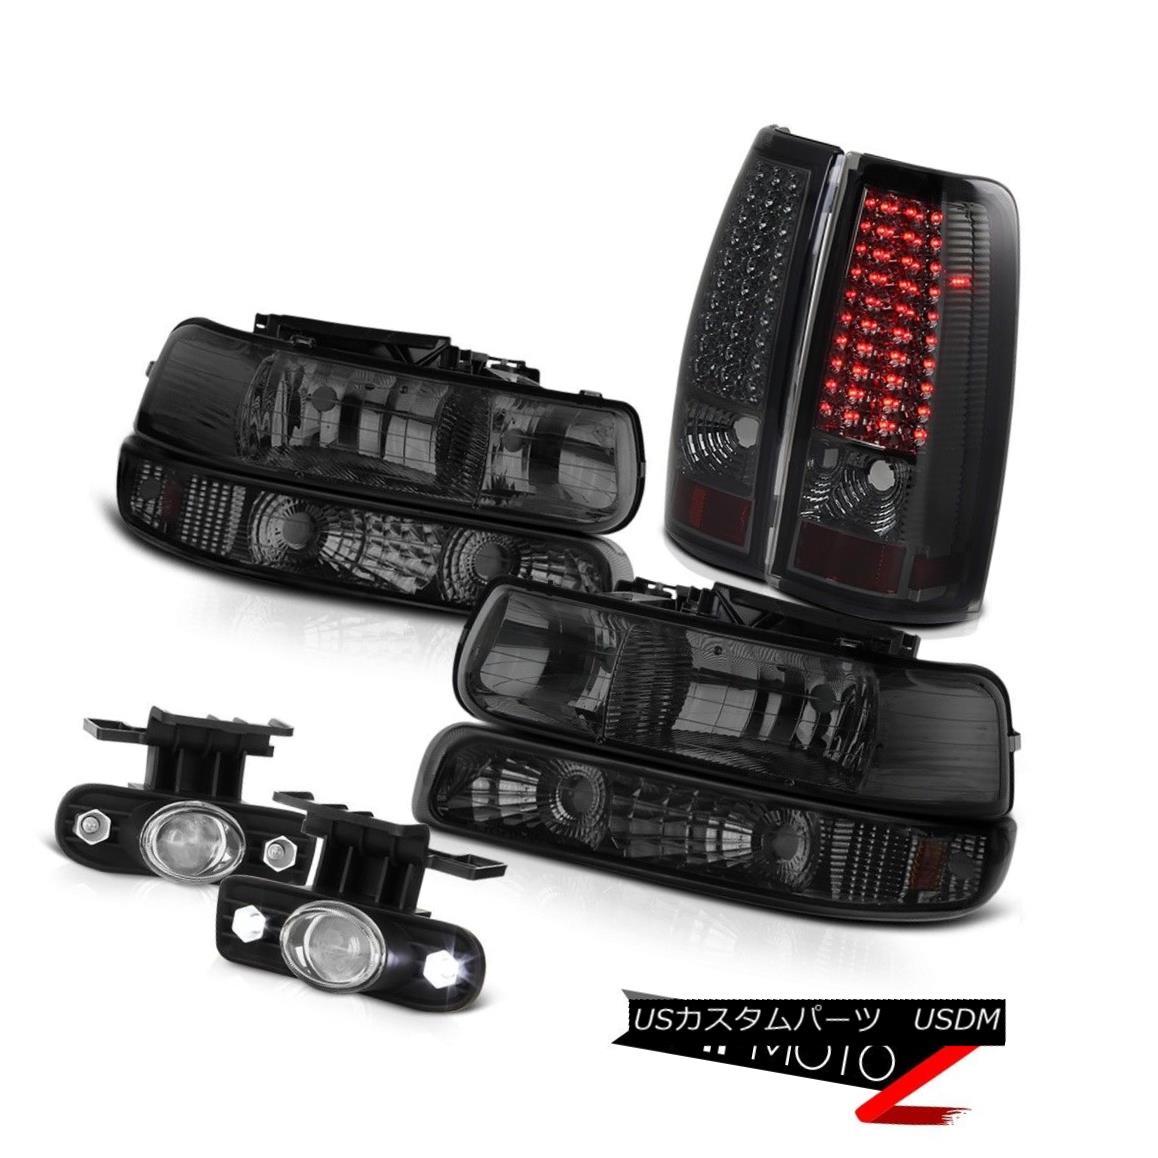 ヘッドライト 99-02 Silverado Dark Tinted Headlight Bumper Projector Fog Bright LED Tail Lamps 99-02 Silverado Dark TintedヘッドライトバンパープロジェクターフォグブライトLEDテールランプ